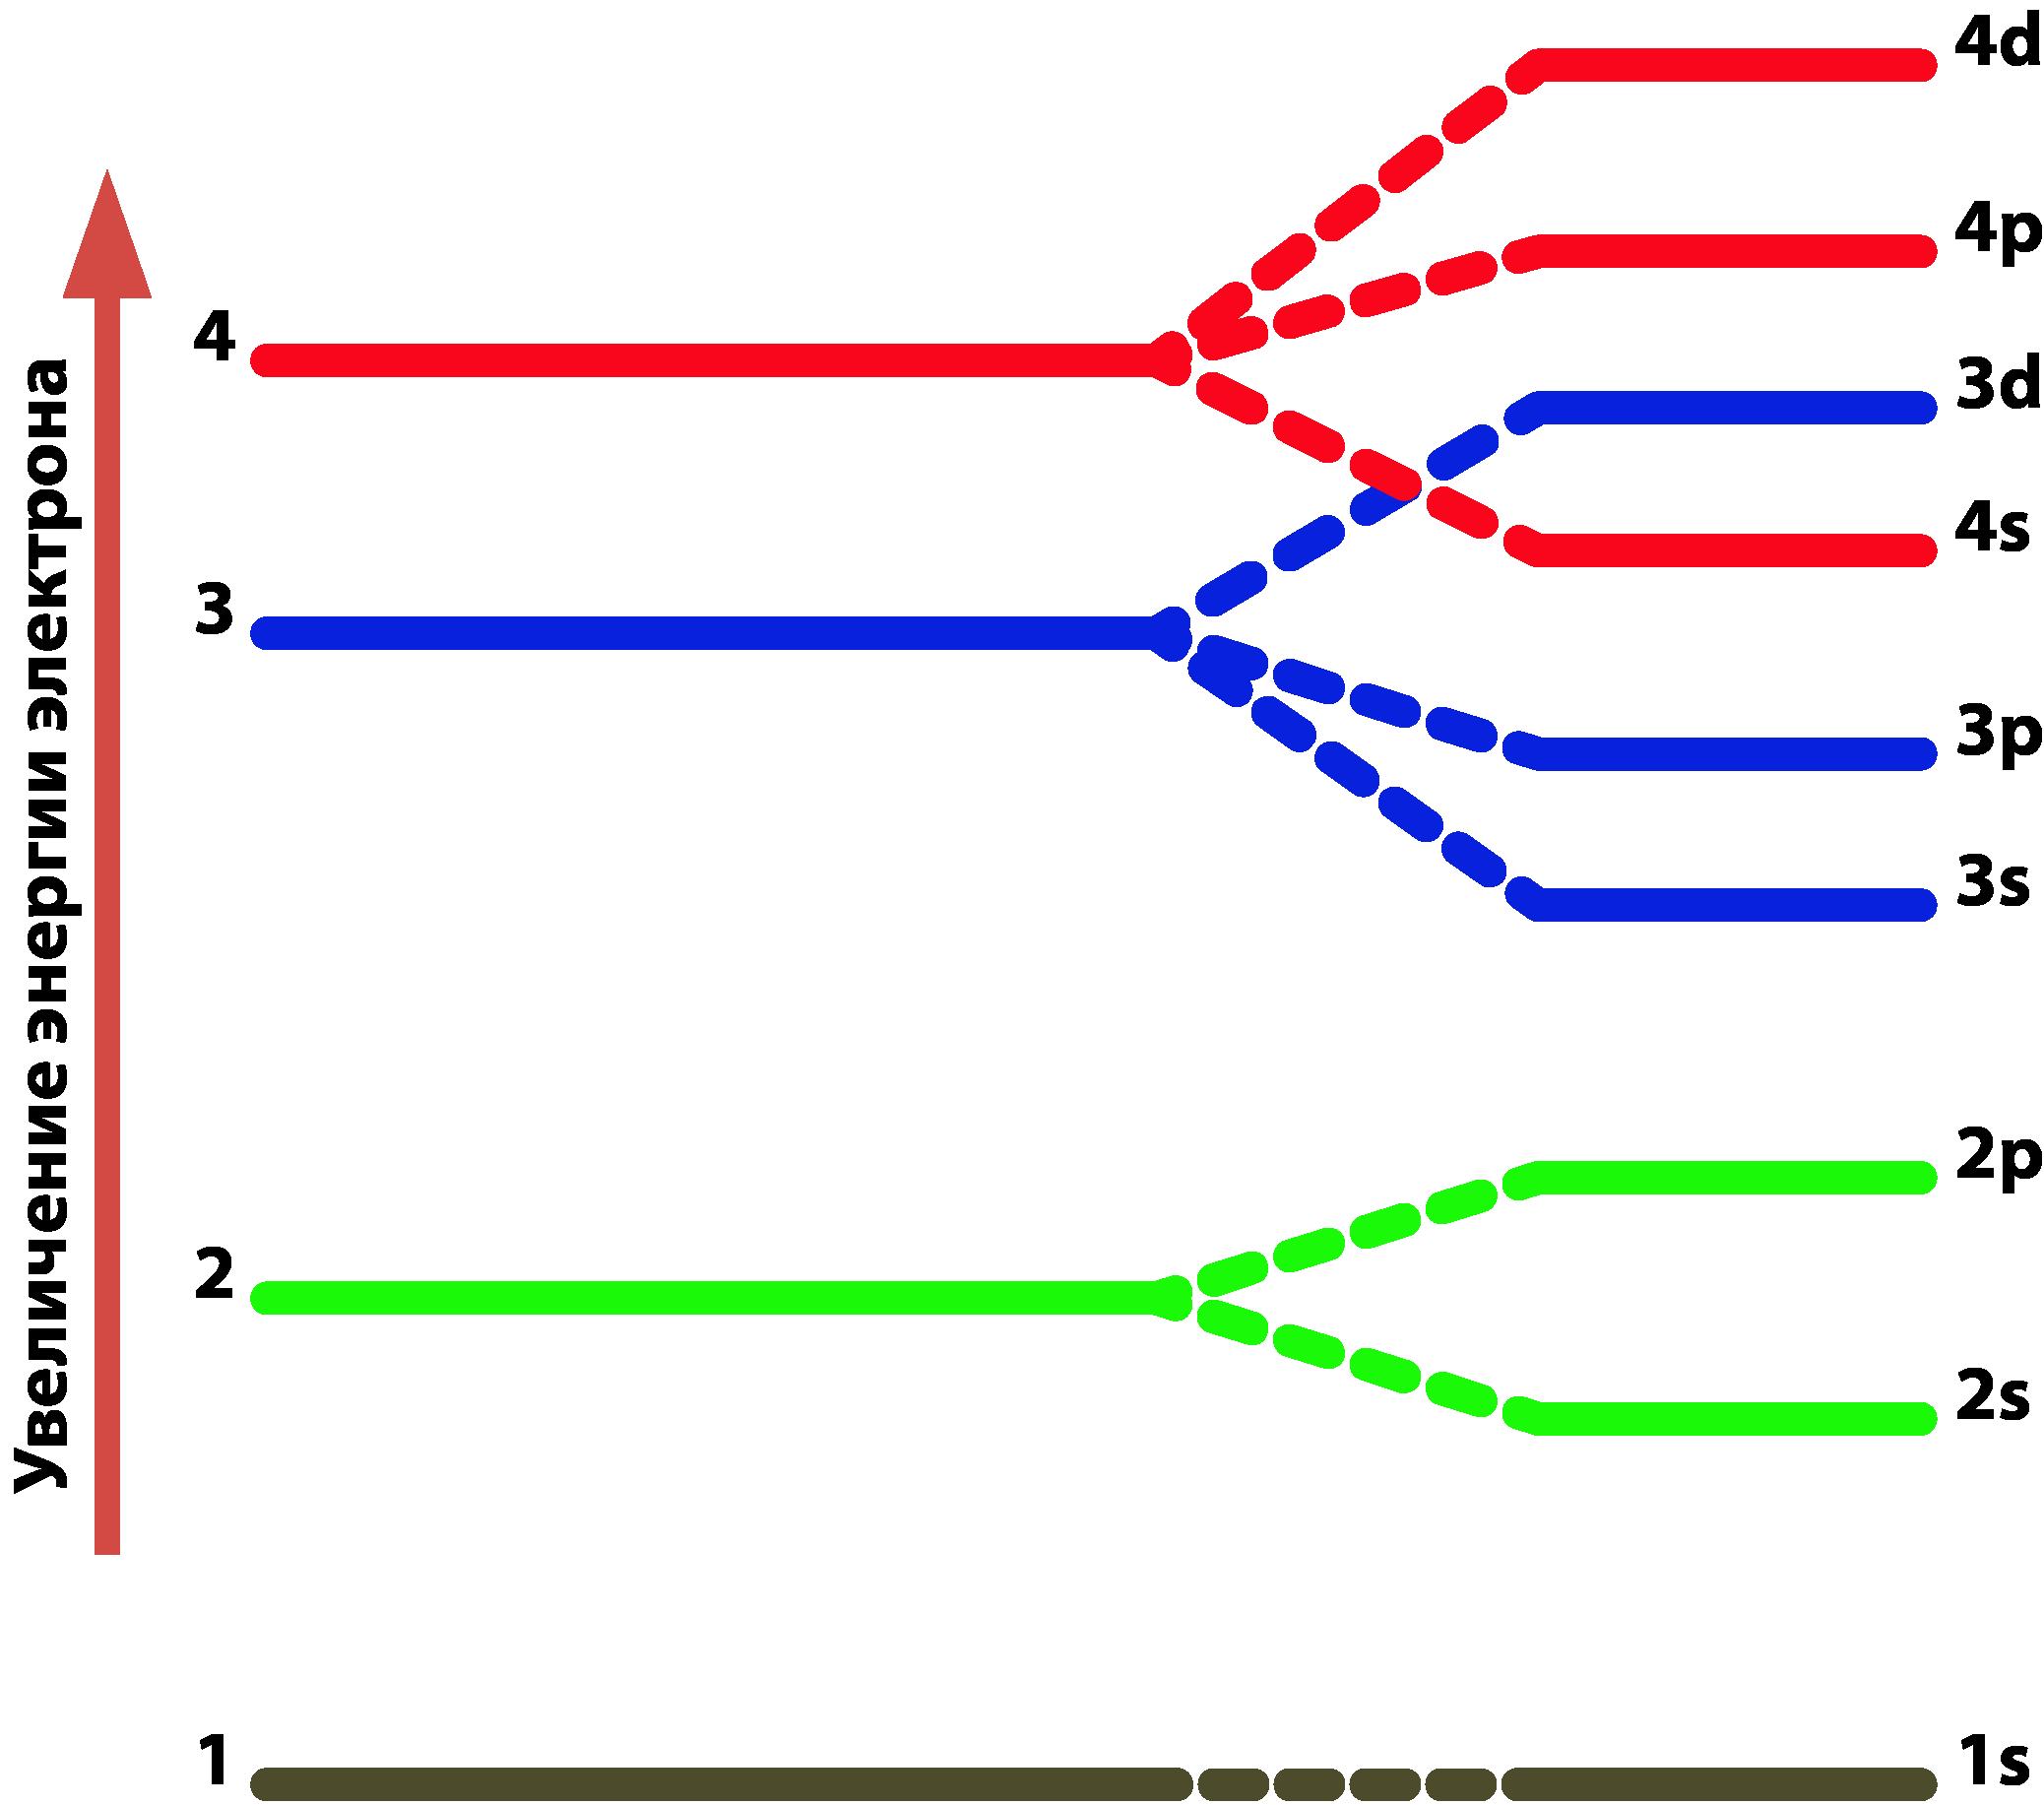 сравнение энергии электронов с разными орбитальными квантовыми числами